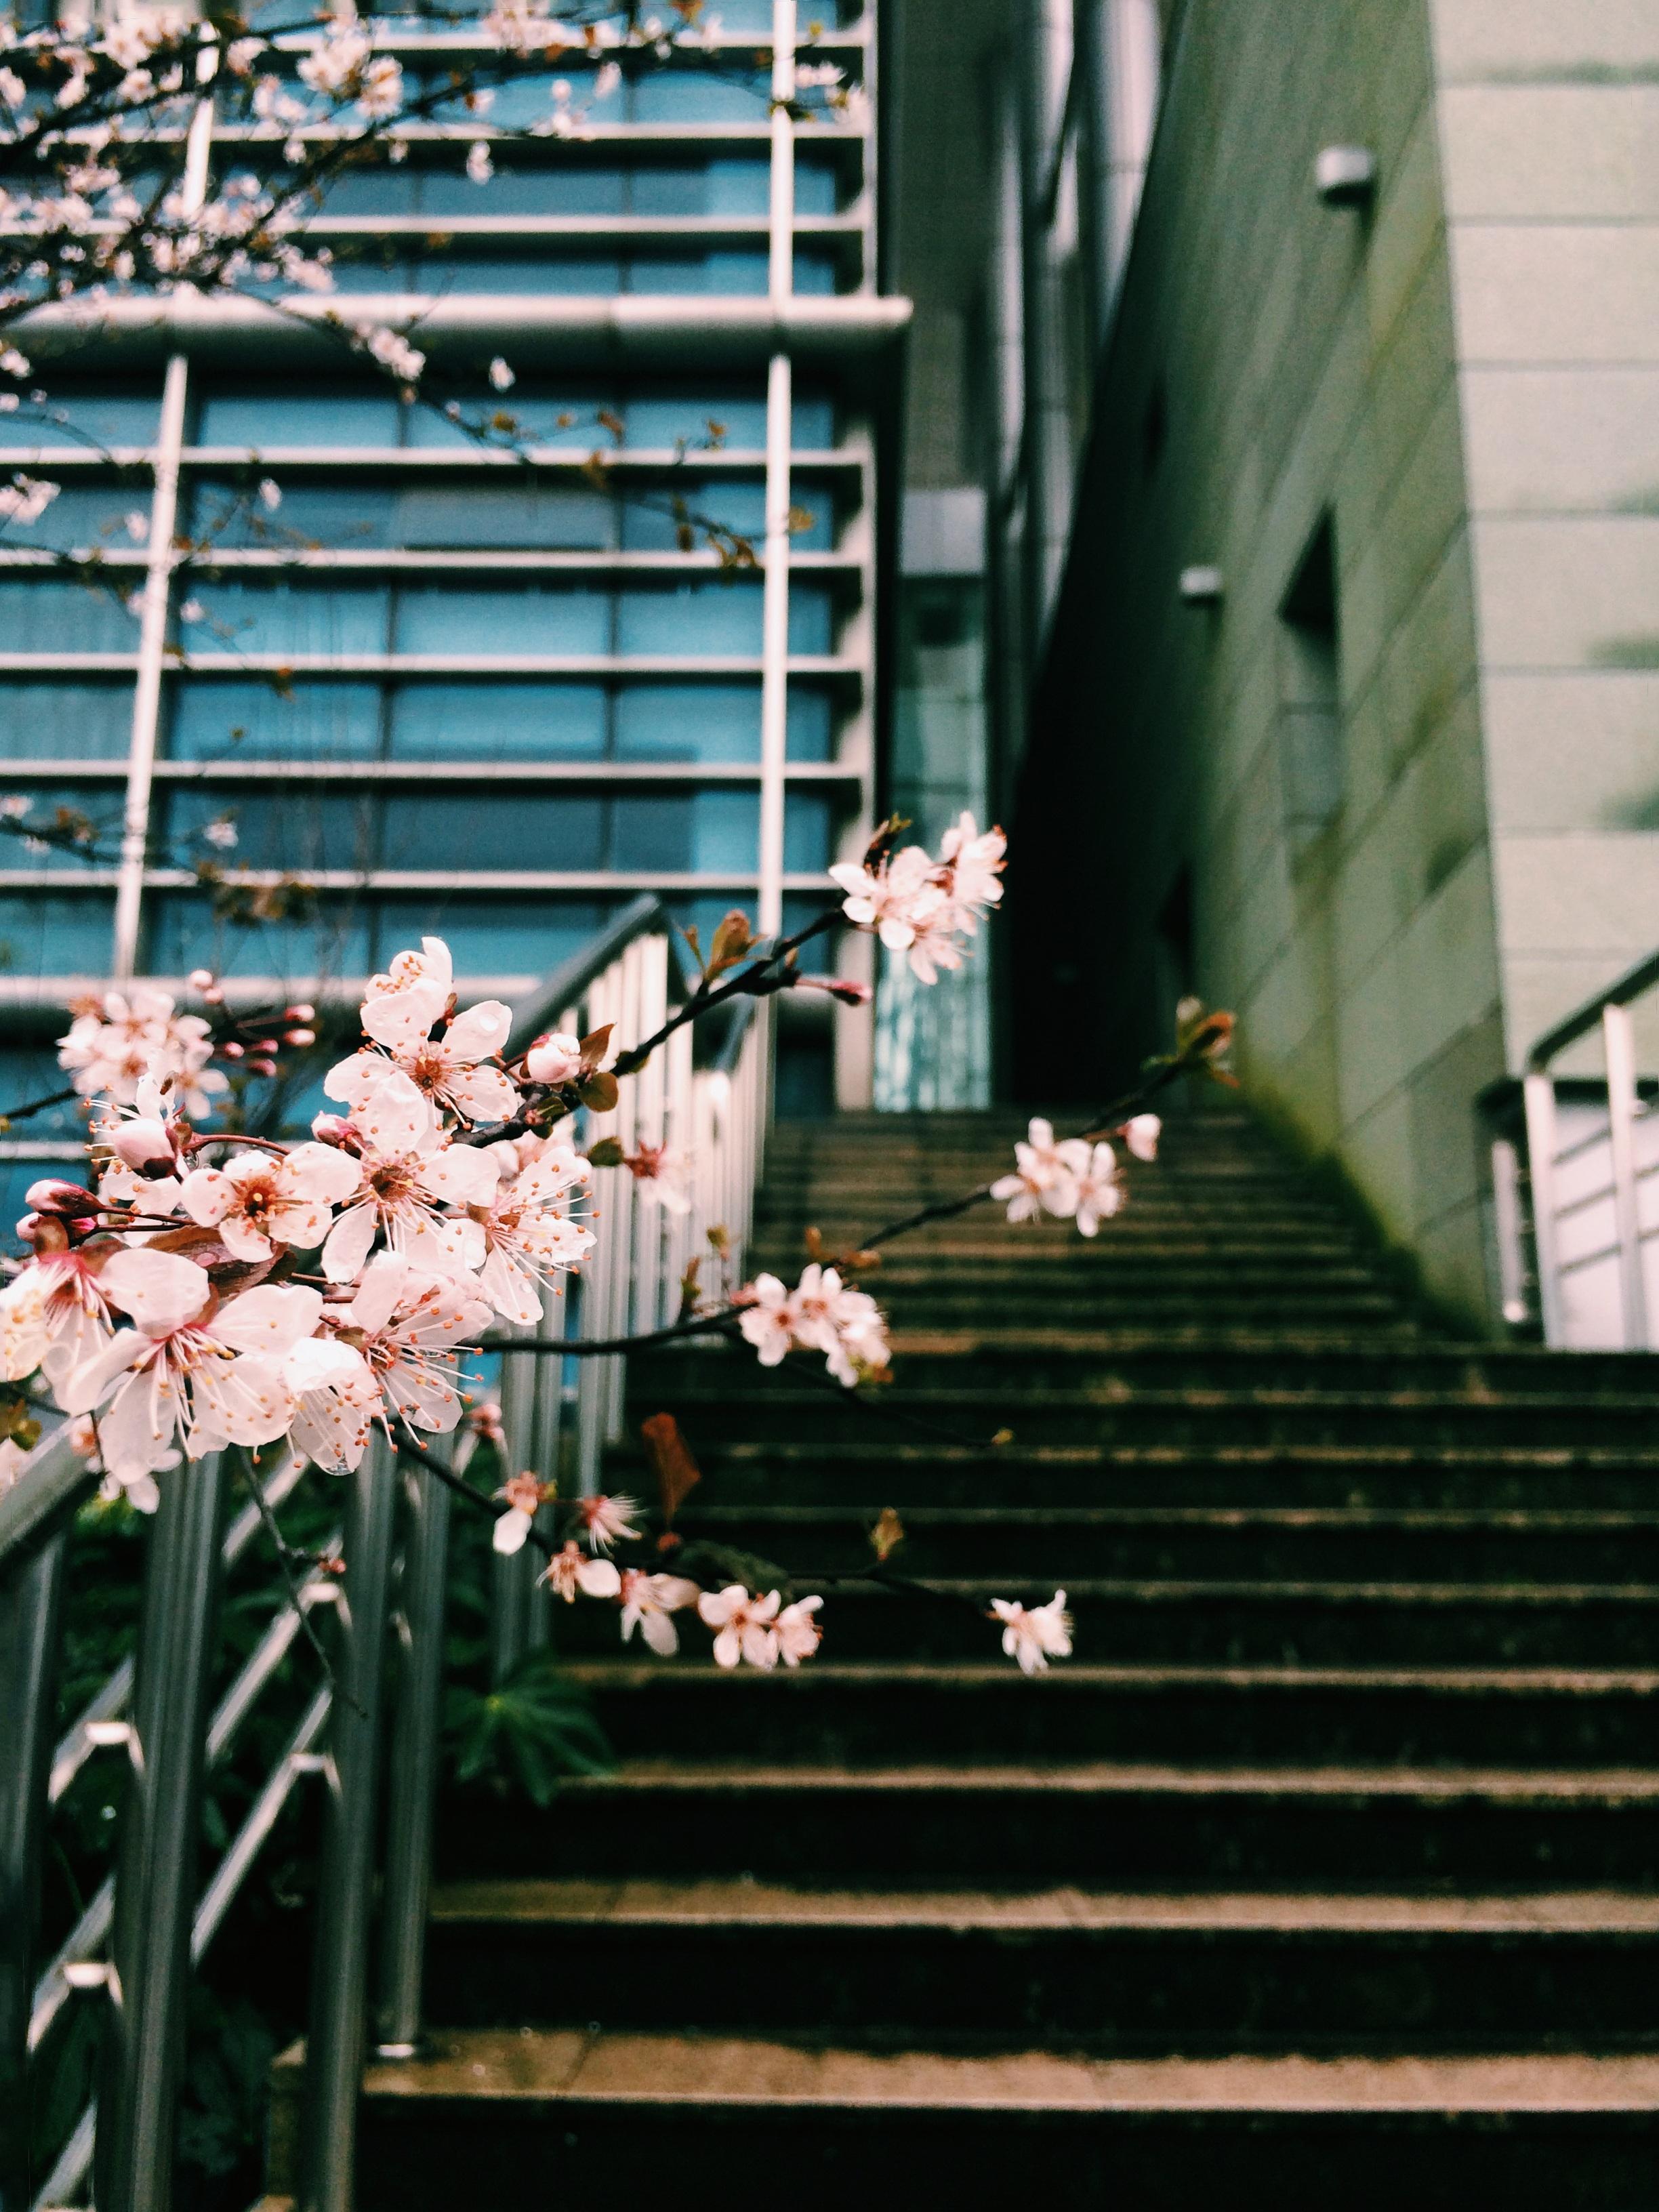 téli virág tavaszi zöld szín belsőépítészet lépcsők fénykép egyetem szilva  virág ablak burkolás f091ca808b